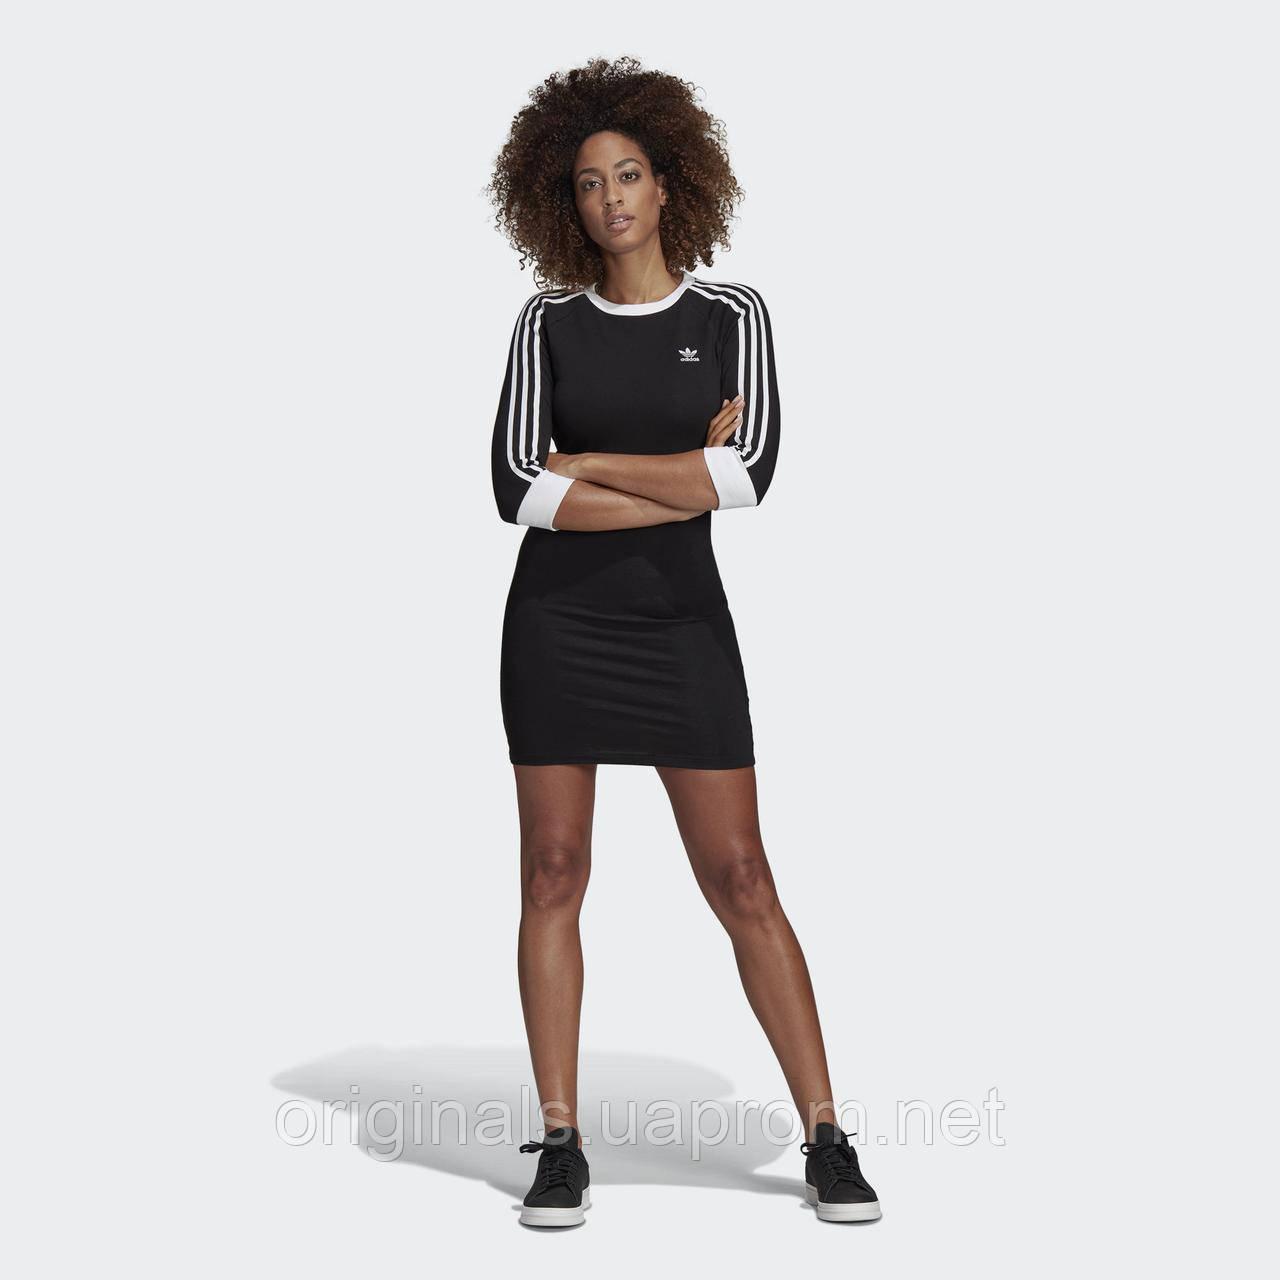 073b893c475c7 Женское платье адидас 3-Stripes DV2567 - 2018/2 - интернет-магазин Originals